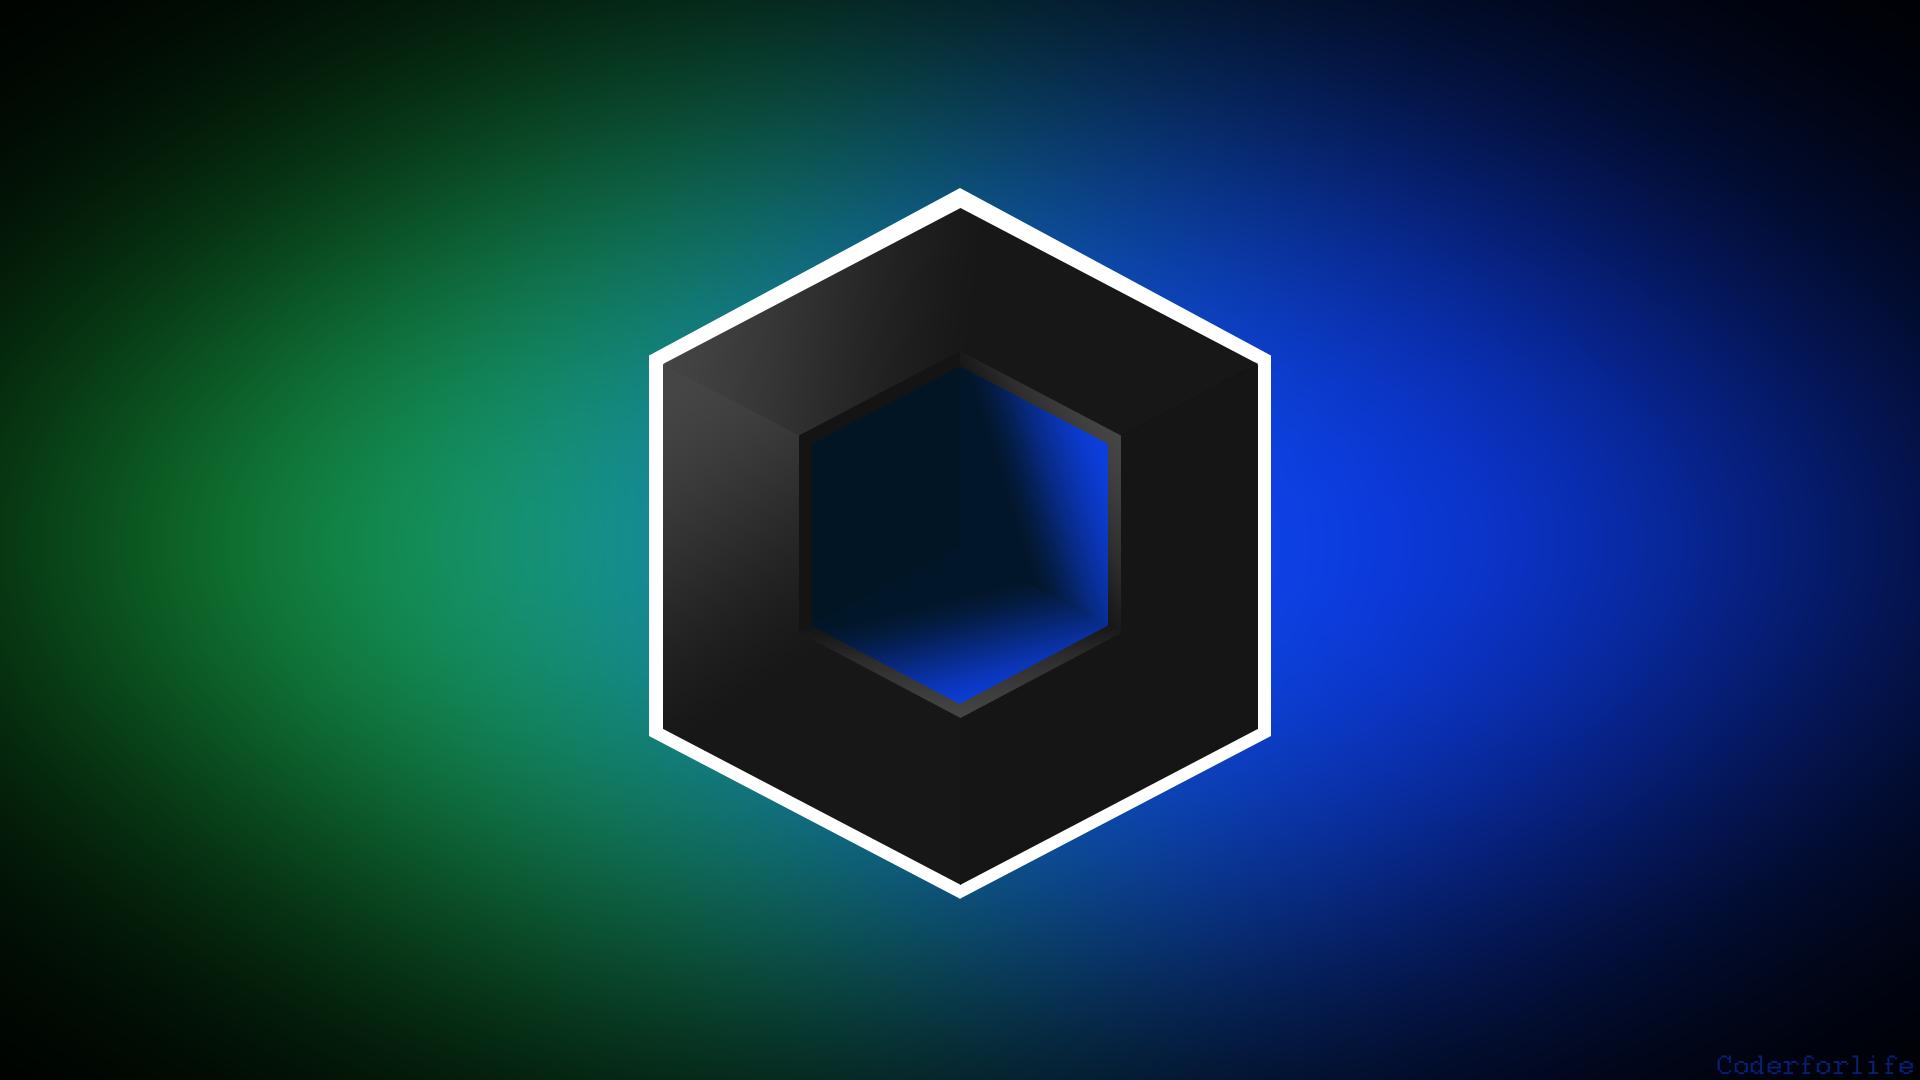 Fondos De Pantalla : Cubo, Abstracto, Azul, Verde, Borroso